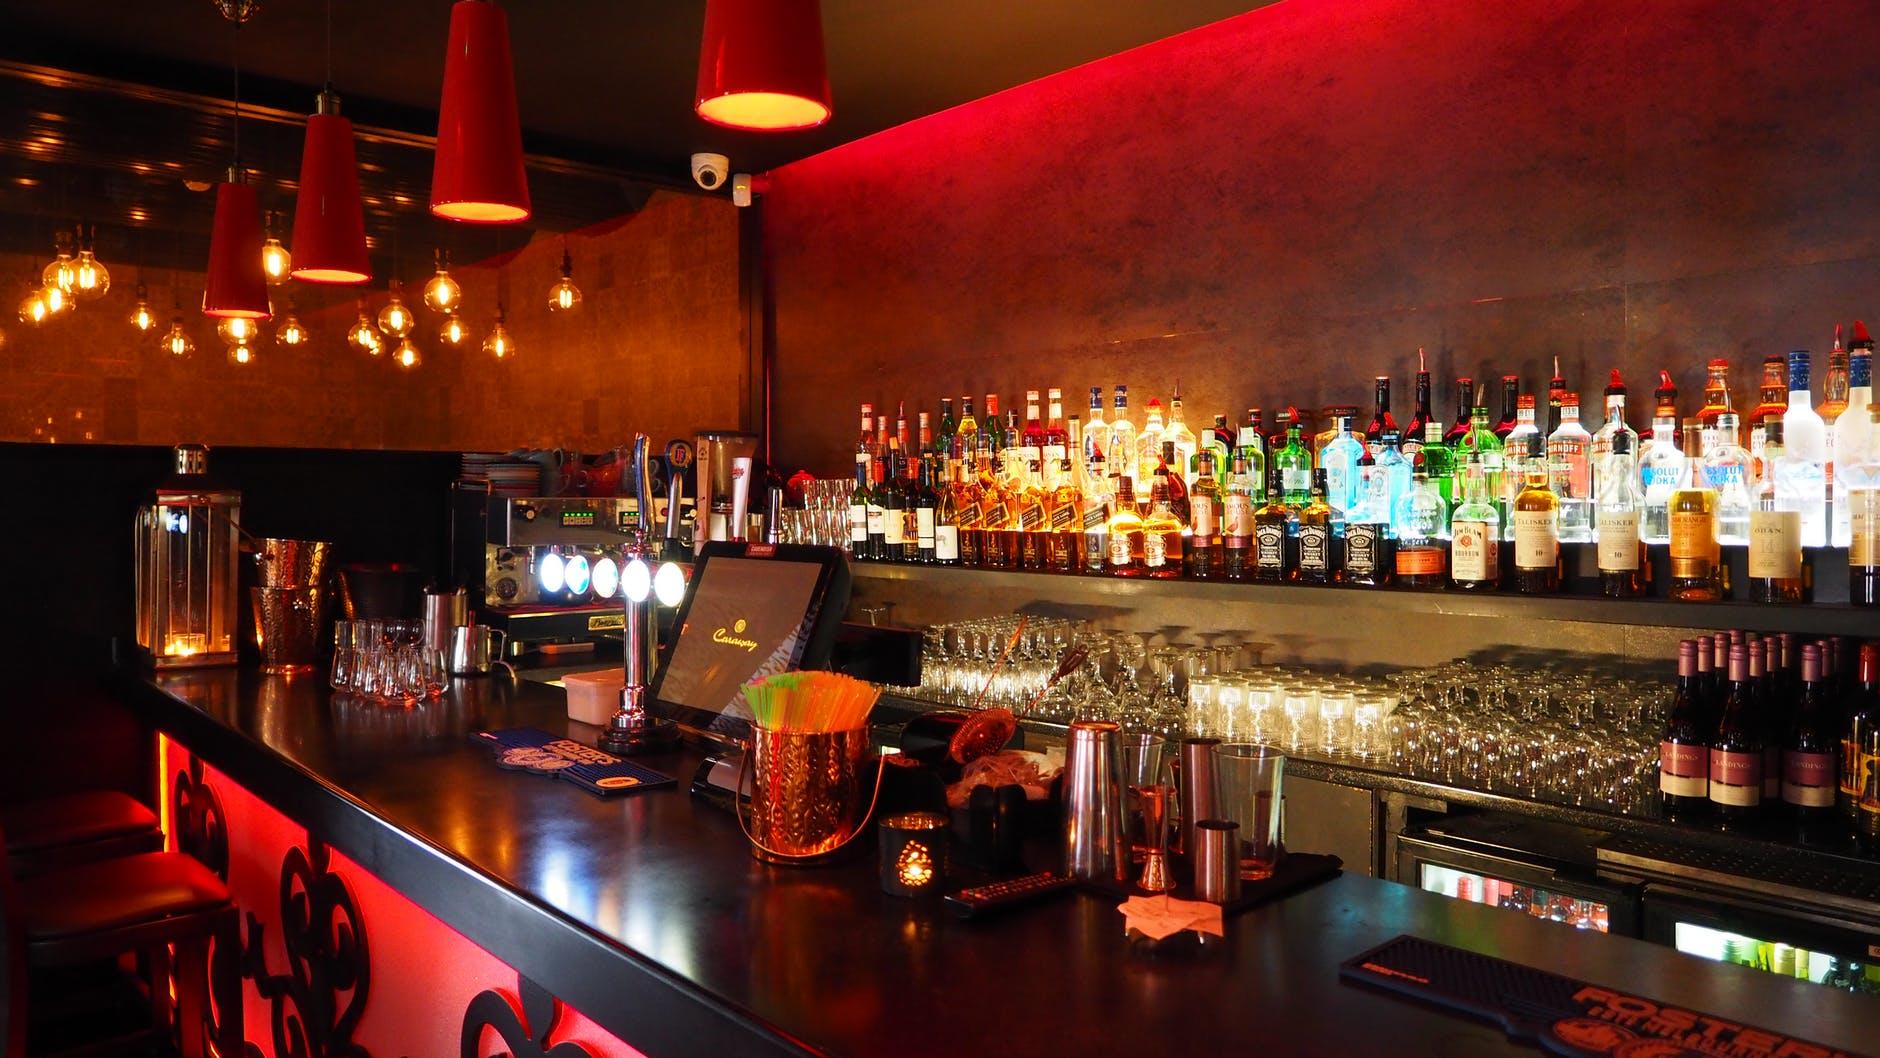 Contabilidade Para Bares E Restaurantes Em Uberlândia - Auster Inteligência Contábil